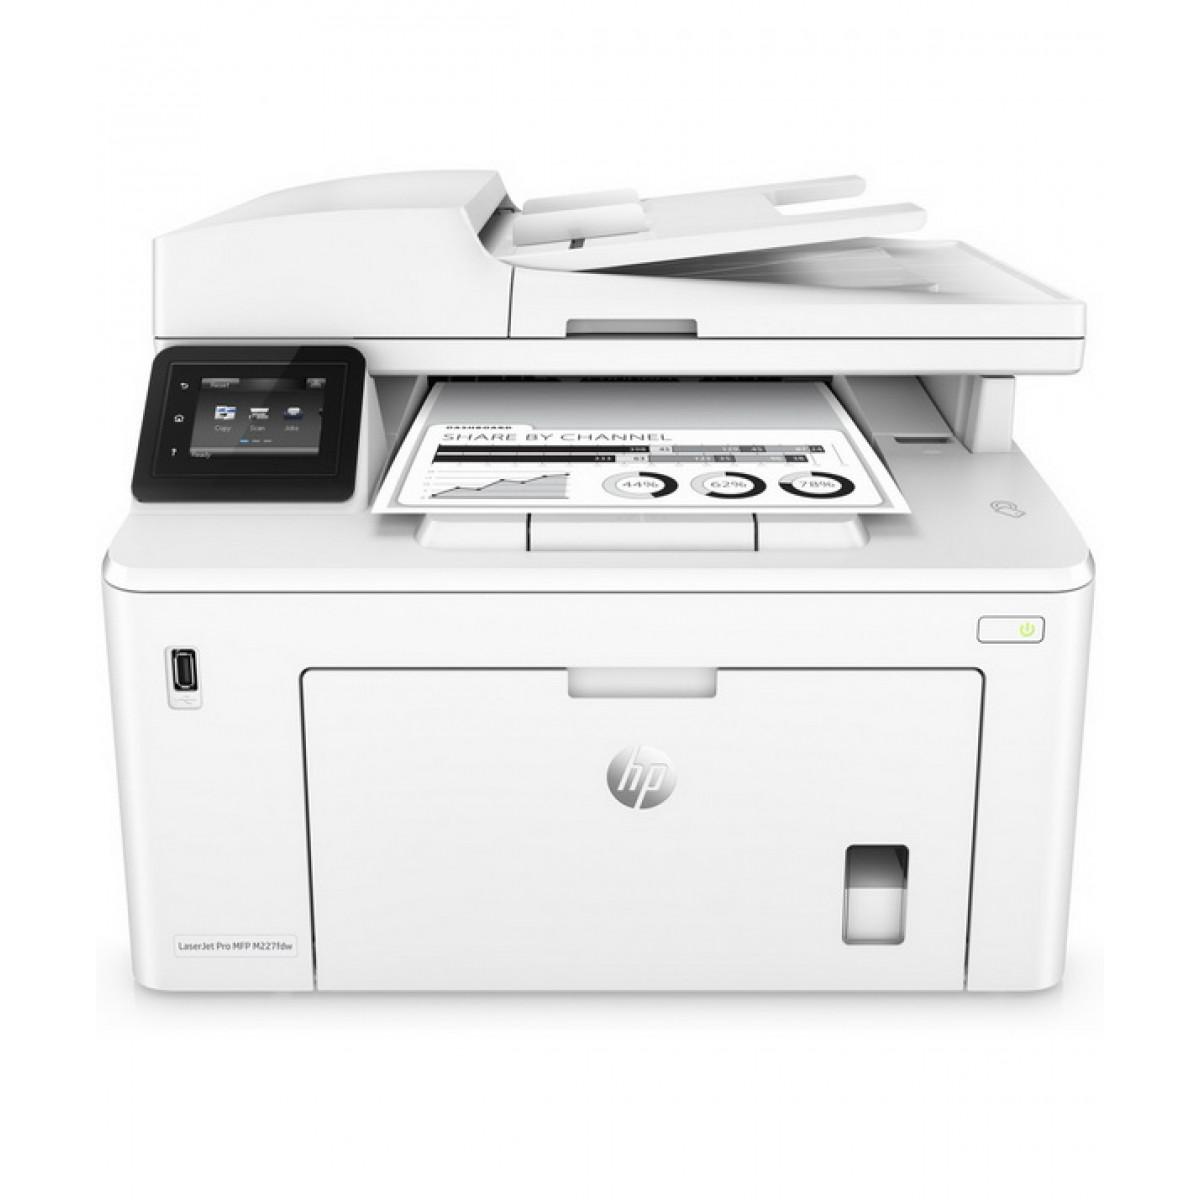 האופנה האופנתית מדפסת משולבת אלחוטית לייזר ש/ל HP LaserJet Pro MFP M227DW CV-73